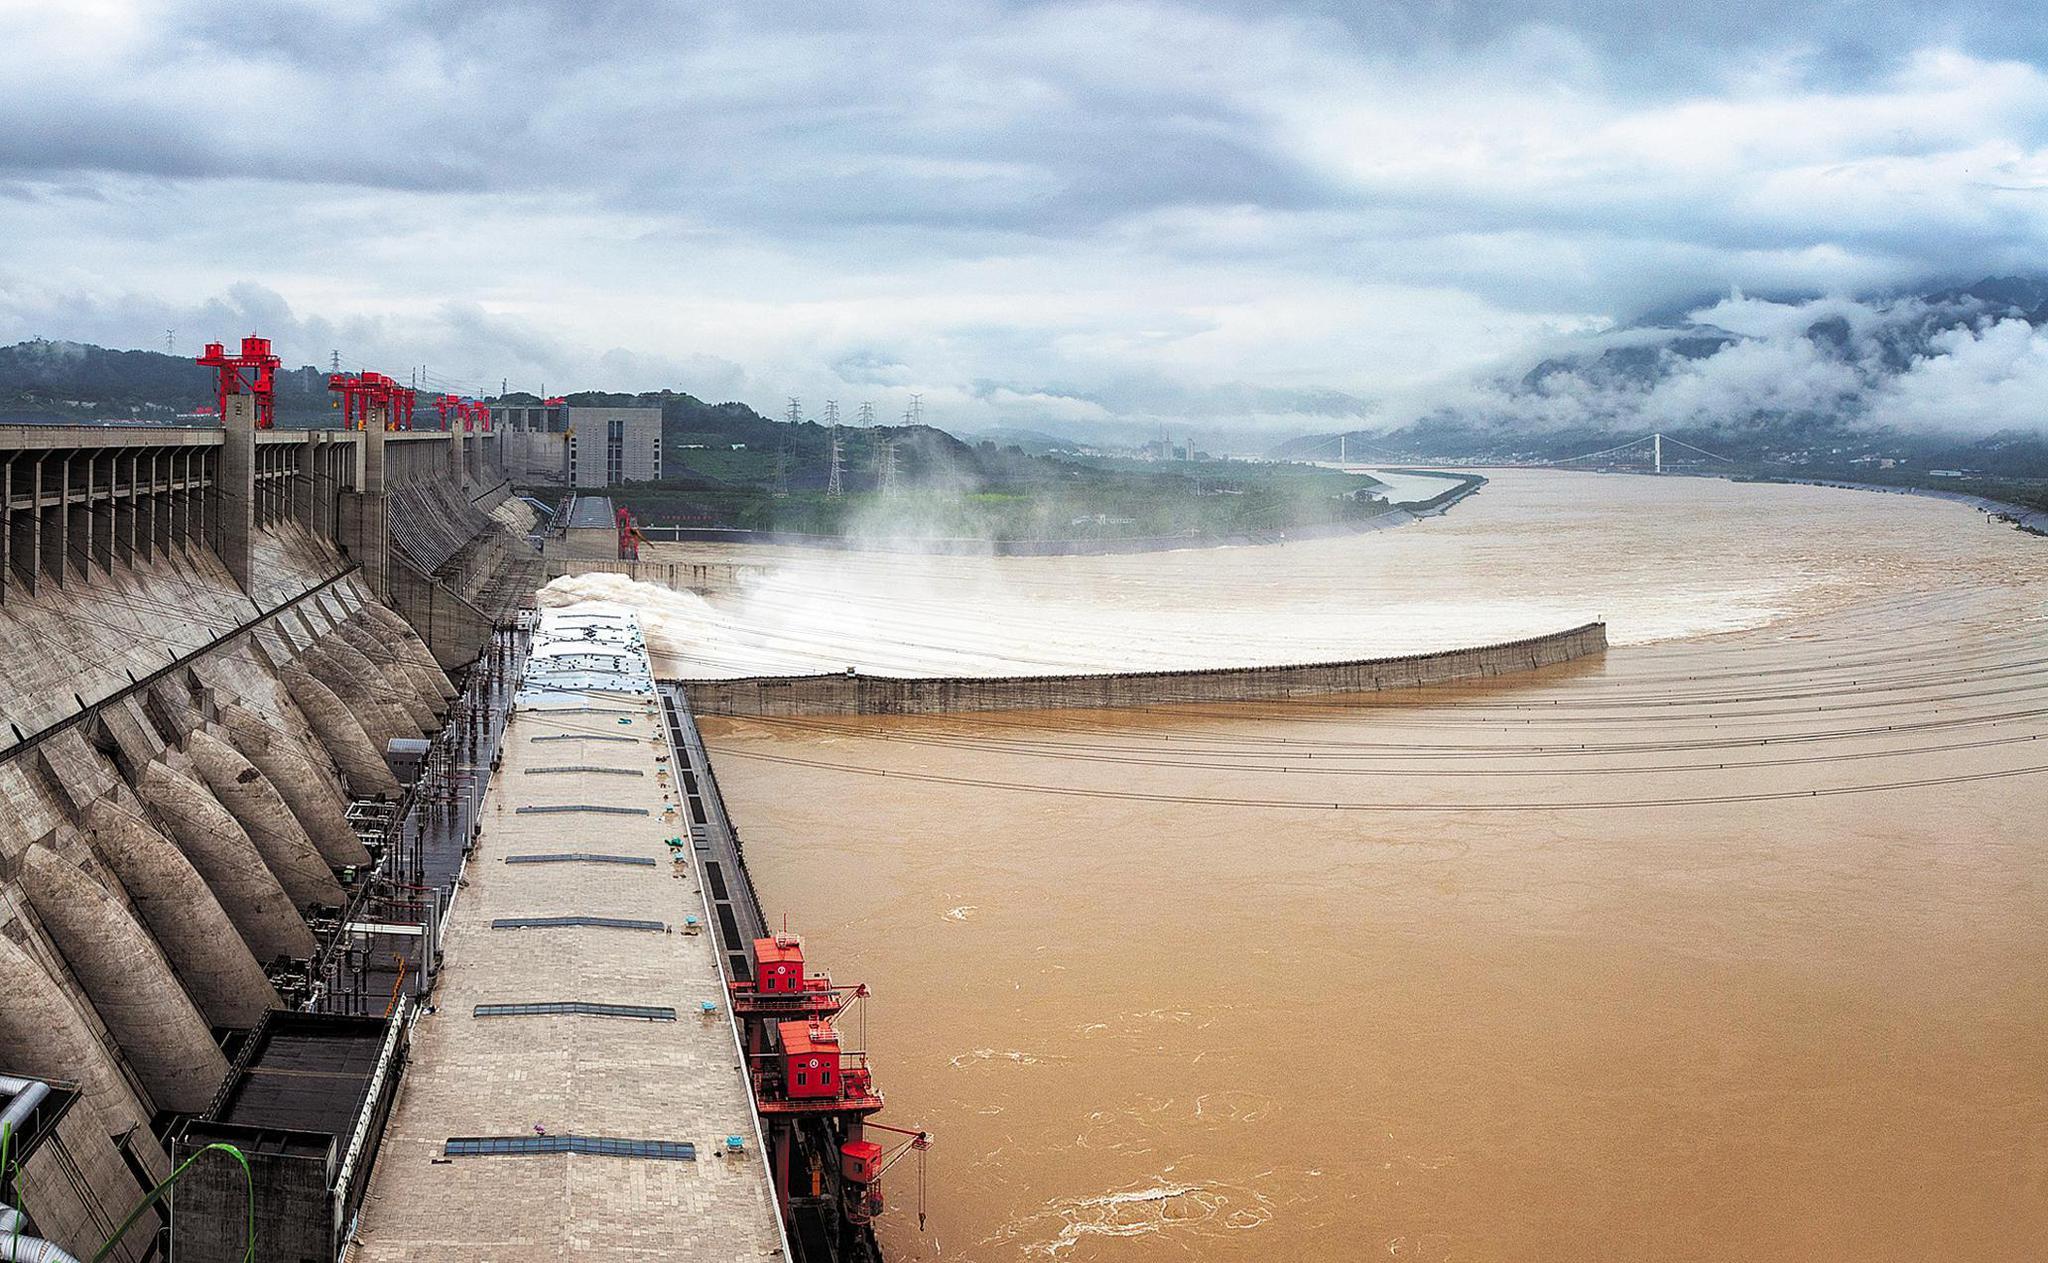 إجلاء 3900 شخص بعد انهيار جزئى فى سد شمال شرقى الصين